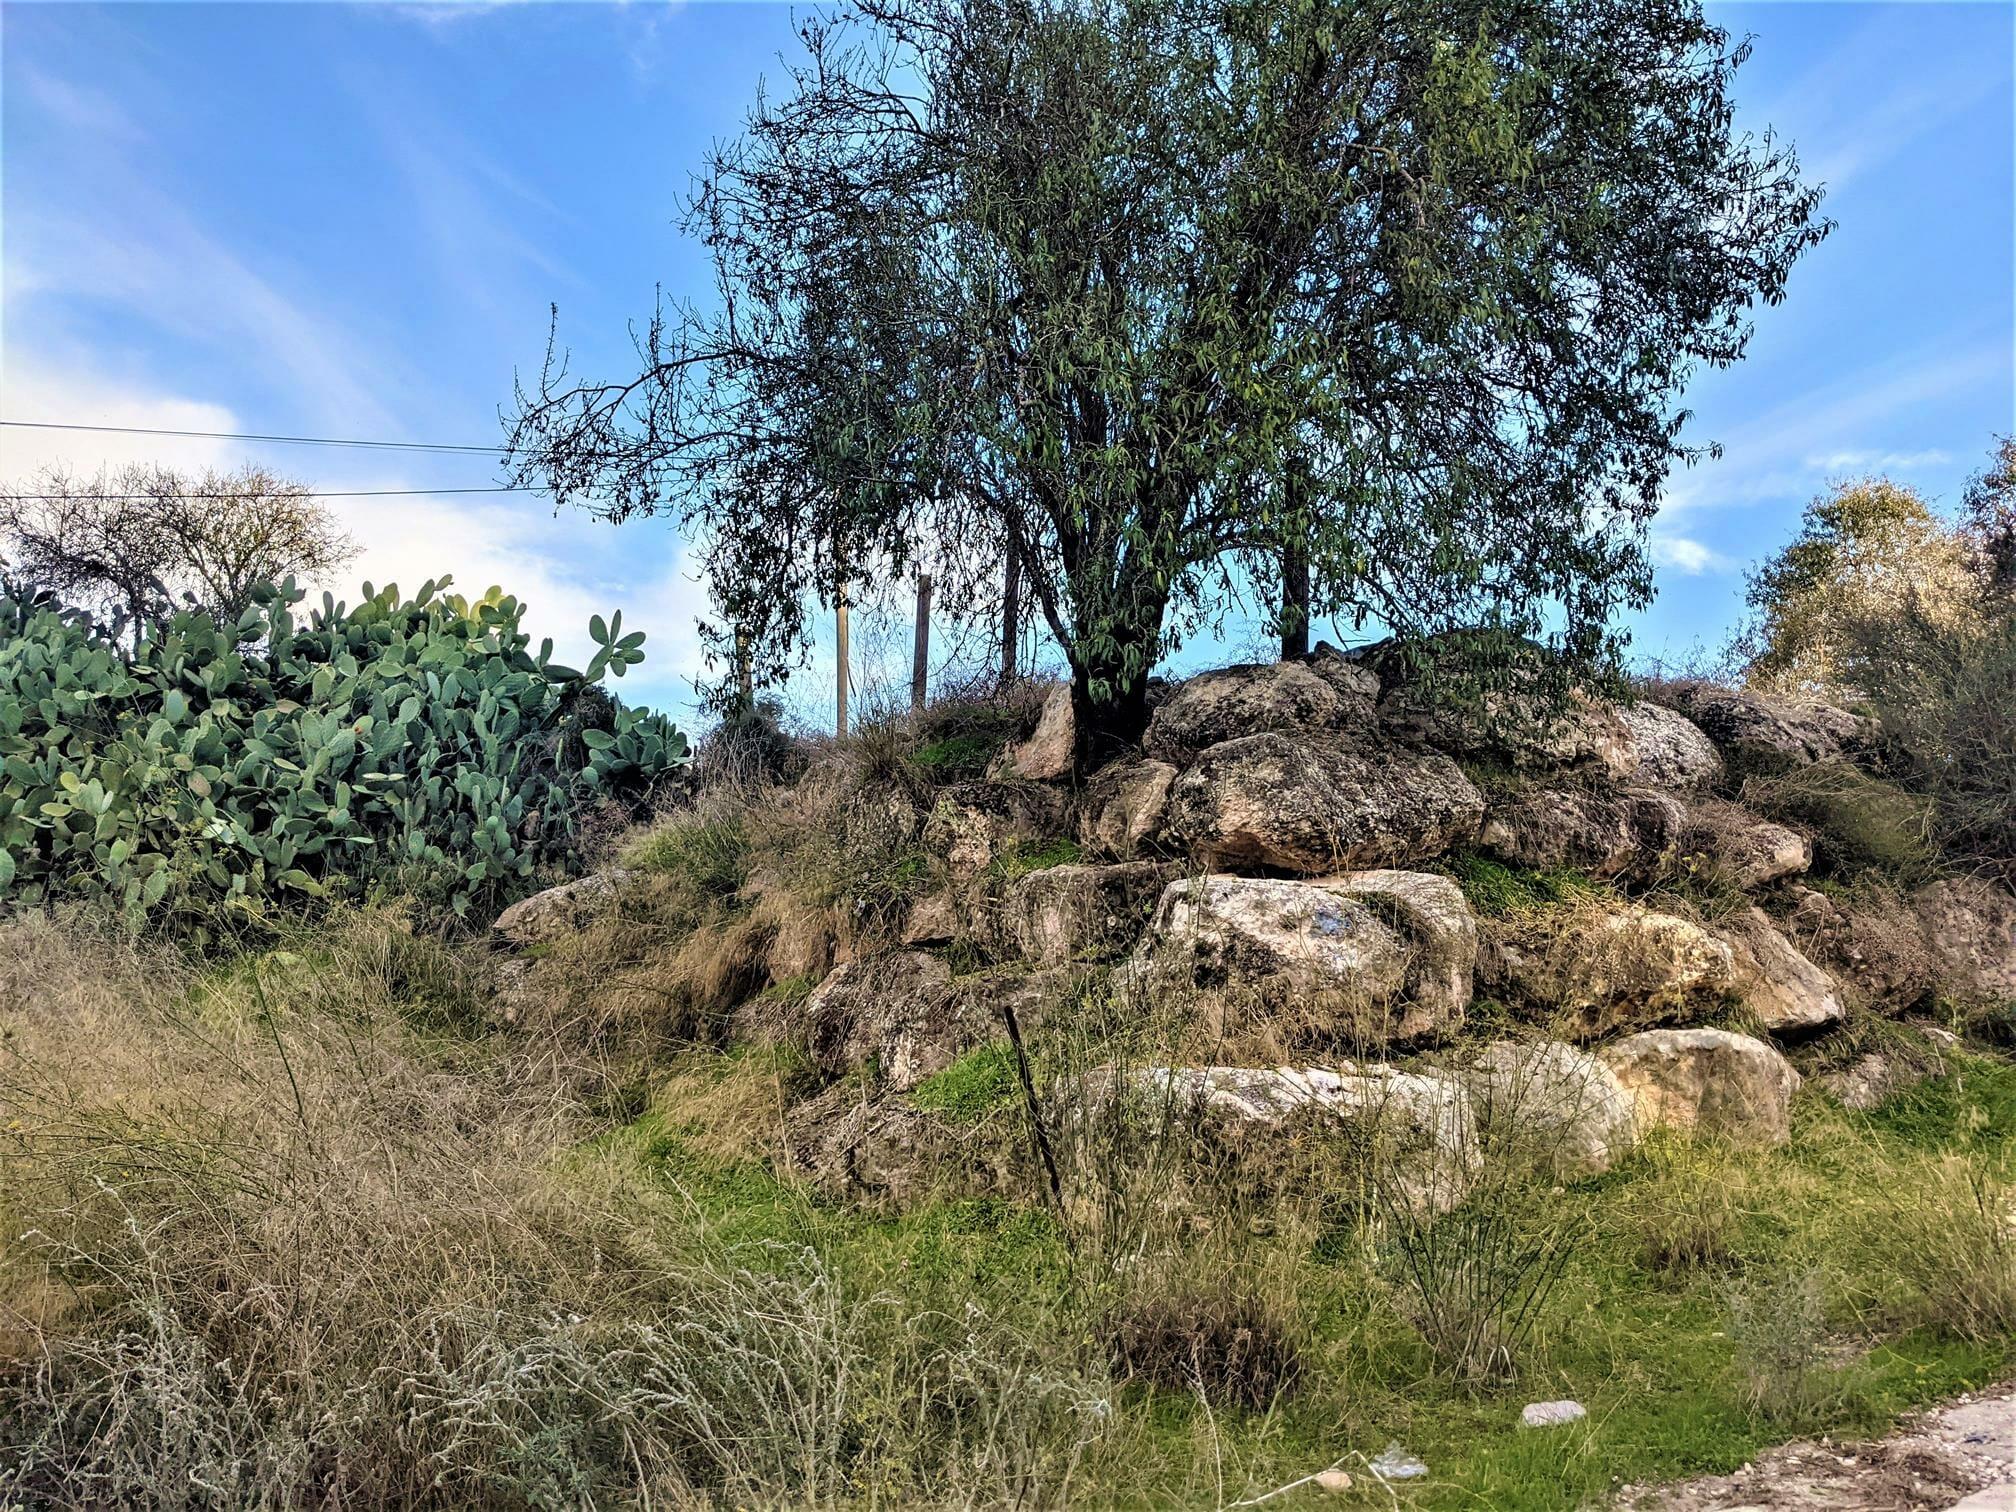 """חומות מתחם מבצר צלבני לטרון, לה-טורון דה שבלייה, צילום: ד""""ר ענת אביטל"""